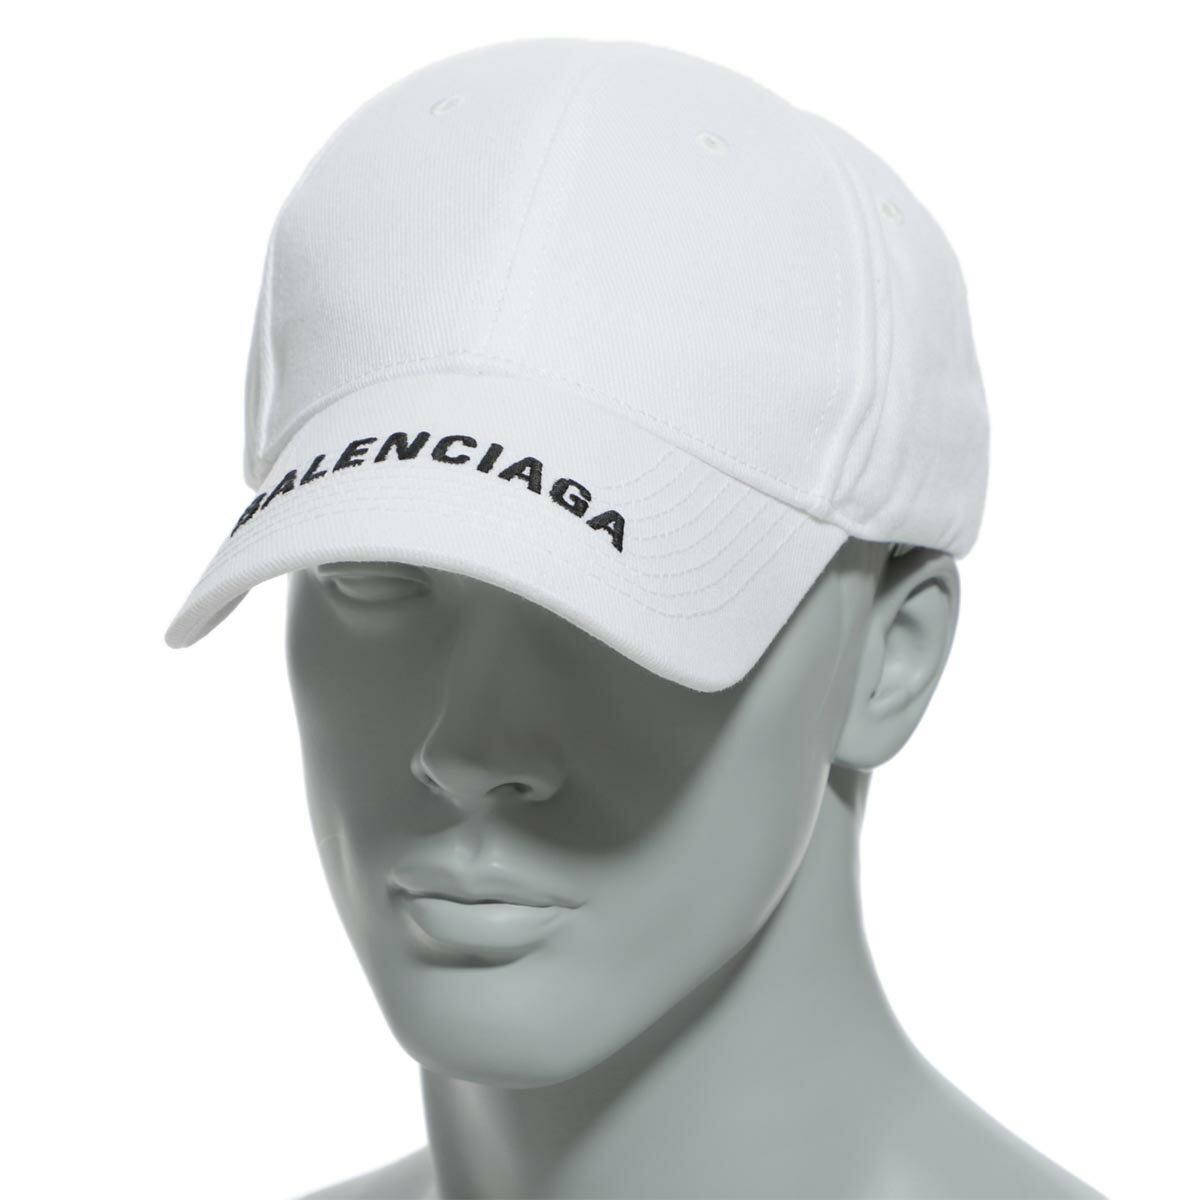 メンズ帽子, キャップ  BALENCIAGA 531588 410b2 9060 HAT BALENCIAGA LOGO VISER CAP